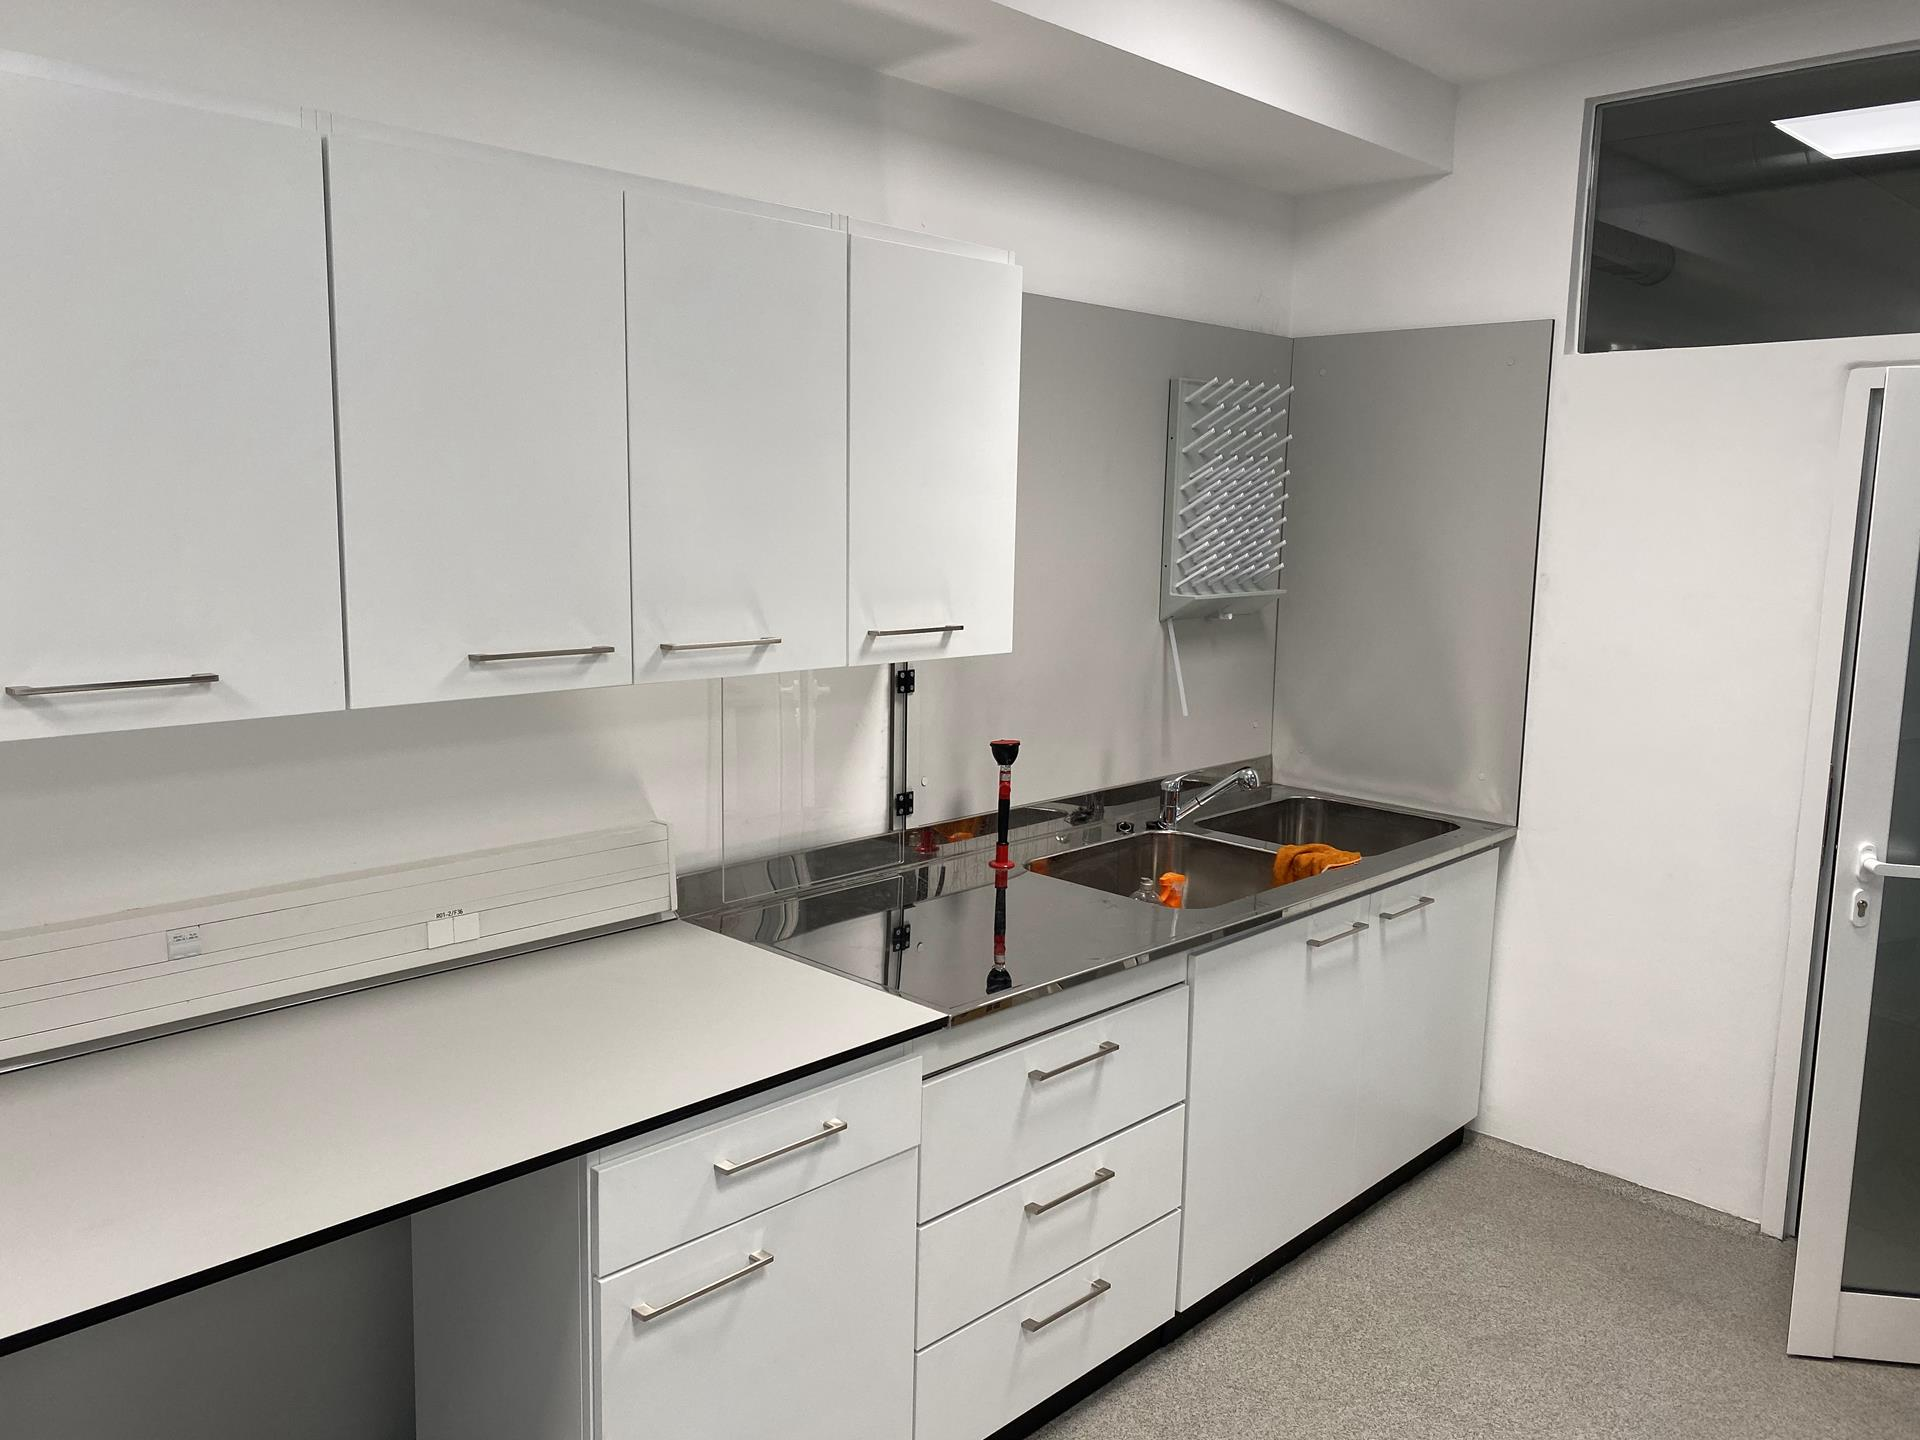 Laboratorij